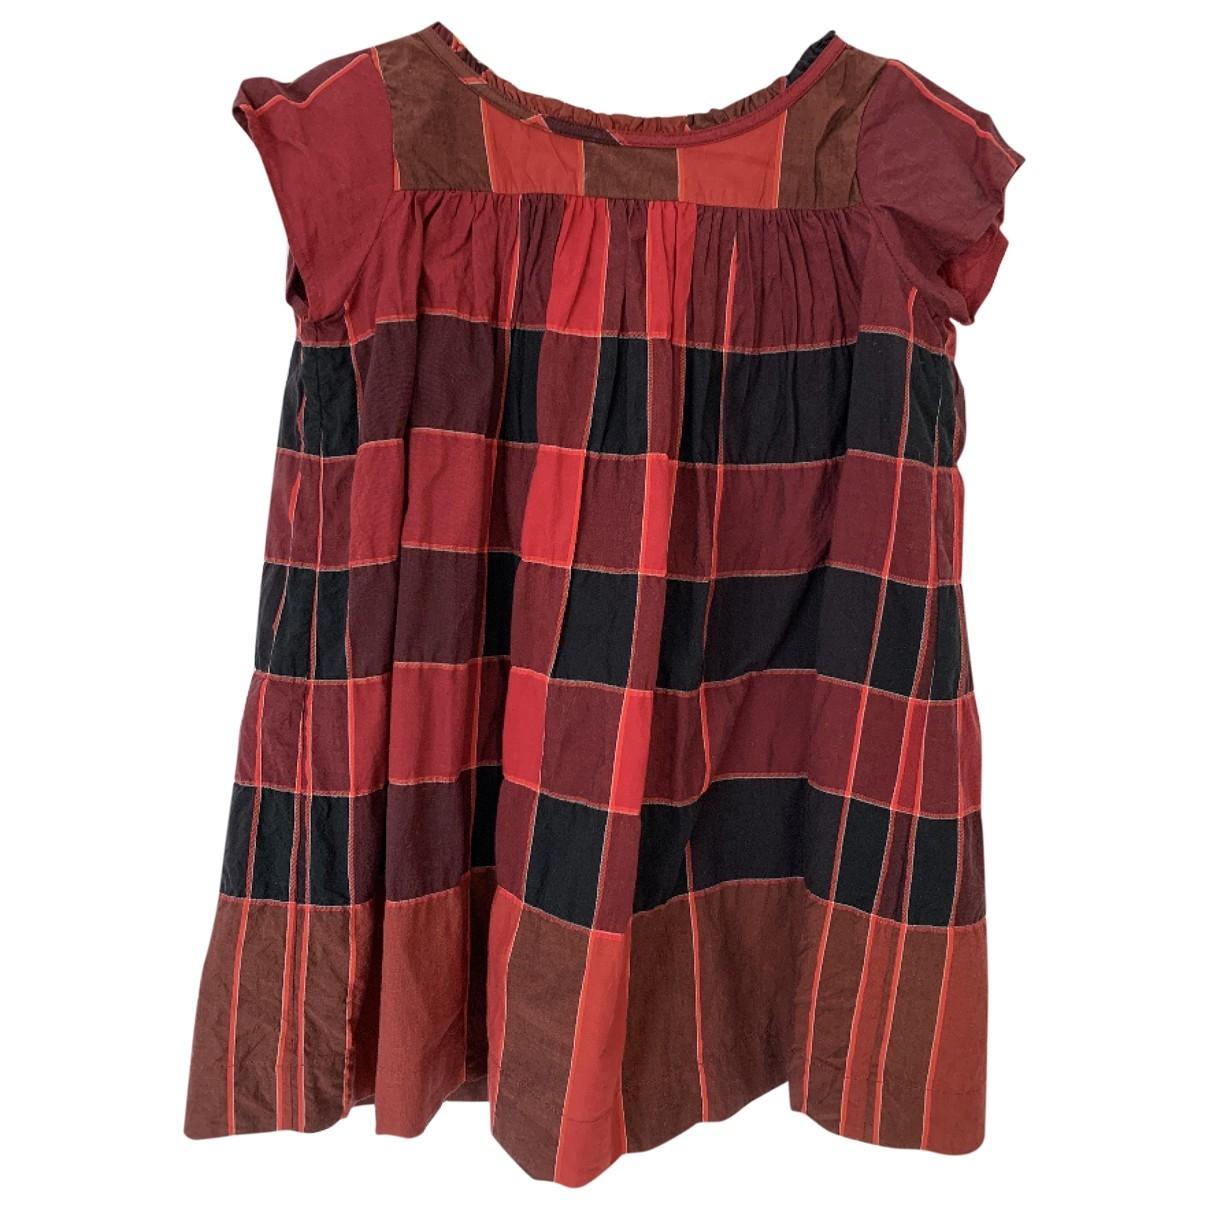 Burberry \N Kleid in  Bordeauxrot Baumwolle